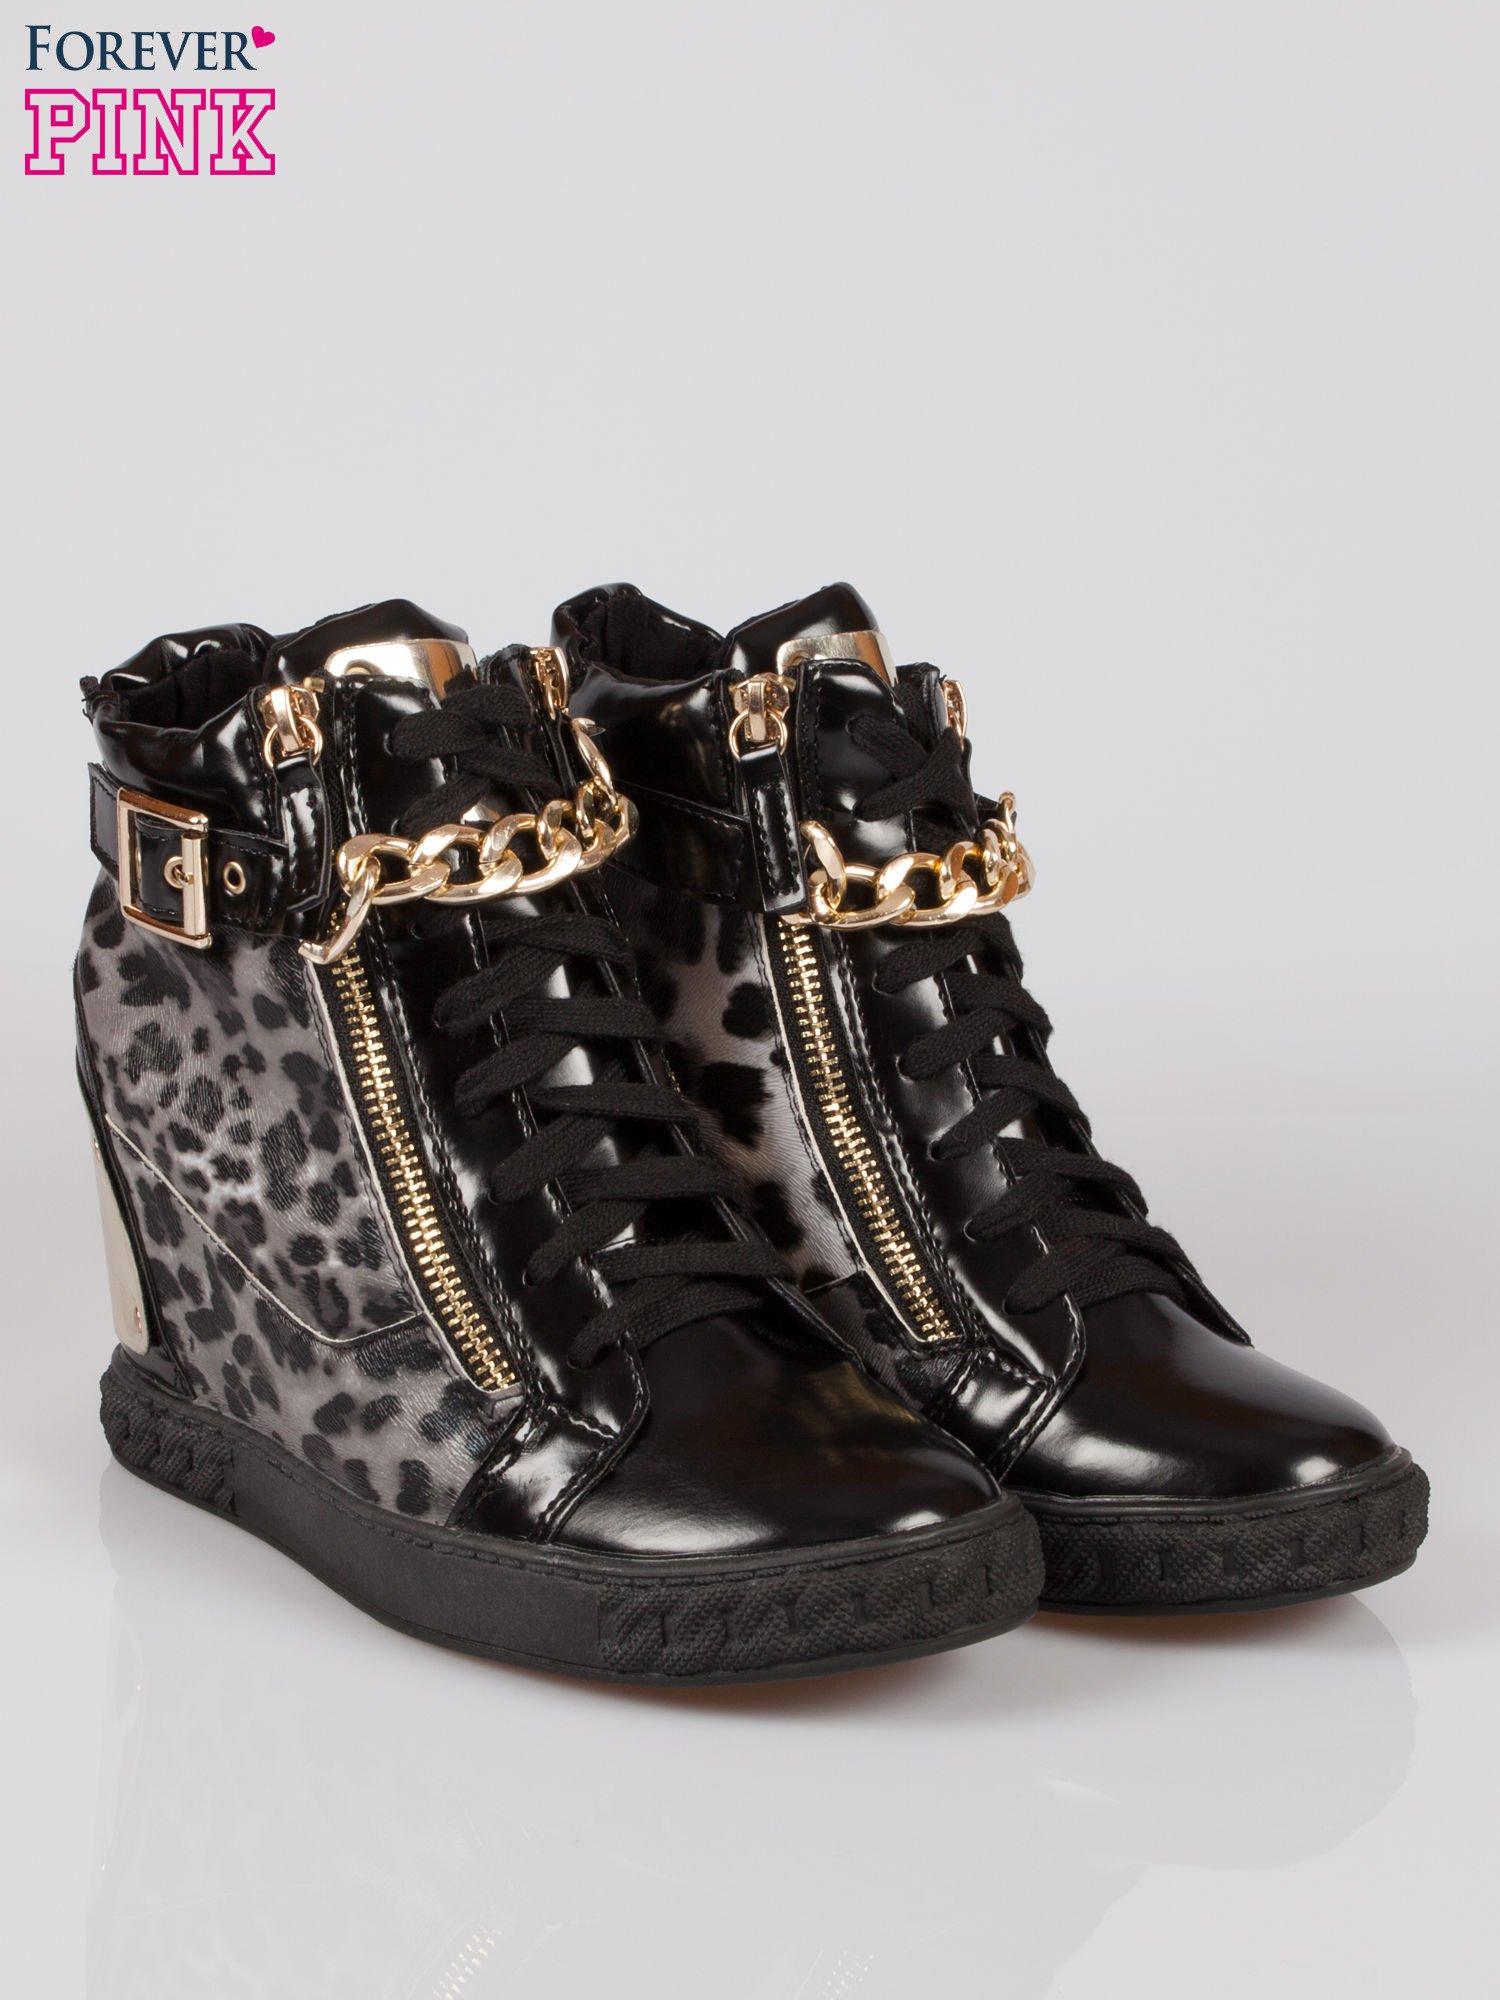 Panterkowe sneakersy z blaszką i łańcuchami                                  zdj.                                  2